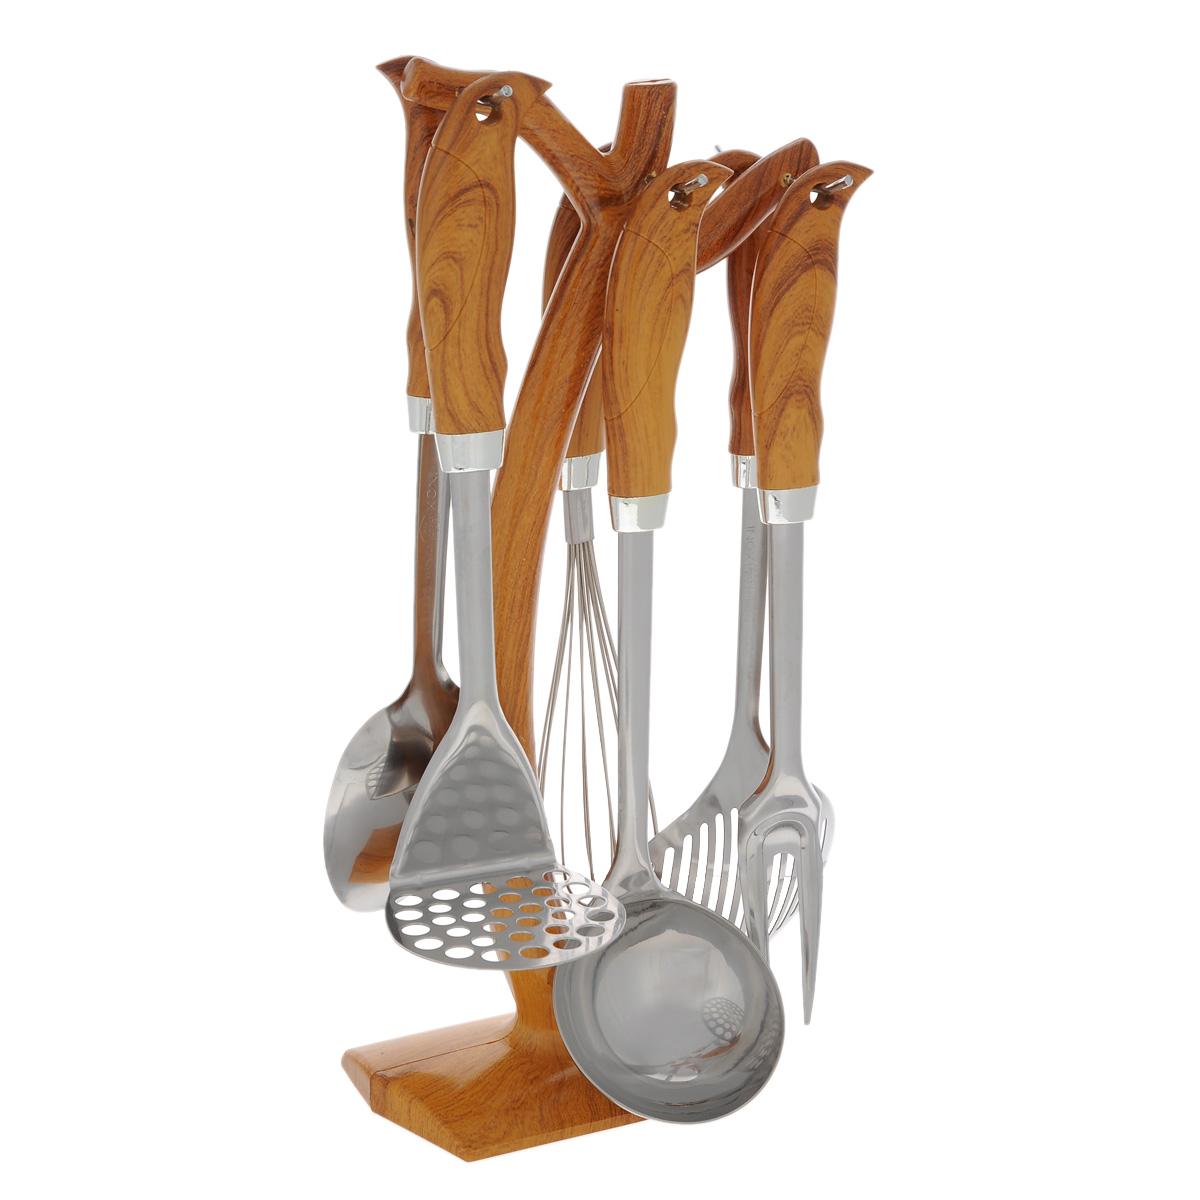 Набор кухонный Bekker BK-462, 7 предметовBK-462Набор кухонных аксессуаров Bekker станет незаменимым помощником на кухне, поскольку в набор входят самые необходимые кухонные аксессуары: картофелемялка, ложка, половник, вилка, шумовка, венчик. Все предметы набора хранятся в элегантной настольной подставке с крючками, на которые можно подвесить изделия. Ручки имеют рельефную форму, соответствующую изгибам пальцев. Весь набор выполнен из нержавеющей стали и жаростойкого пластика. Сталь с таким сплавом широко используется во всем мире. Изделия из нержавеющей стали исключительно прочны, гигиеничны, не подвержены коррозии и химически устойчивы по отношению к органическим кислотам, солям и щелочам. Такой набор понравится любой хозяйке и будет отличным помощником на кухне. Подходит для мытья в посудомоечной машине. Размер подставки: 8 см х 16 см х 38 см. Длина картофелемялки: 27 см. Размер рабочей поверхности: 8 см х 8 см. Длина ложки: 31 см. Размер рабочей поверхности: 11 см х 7...